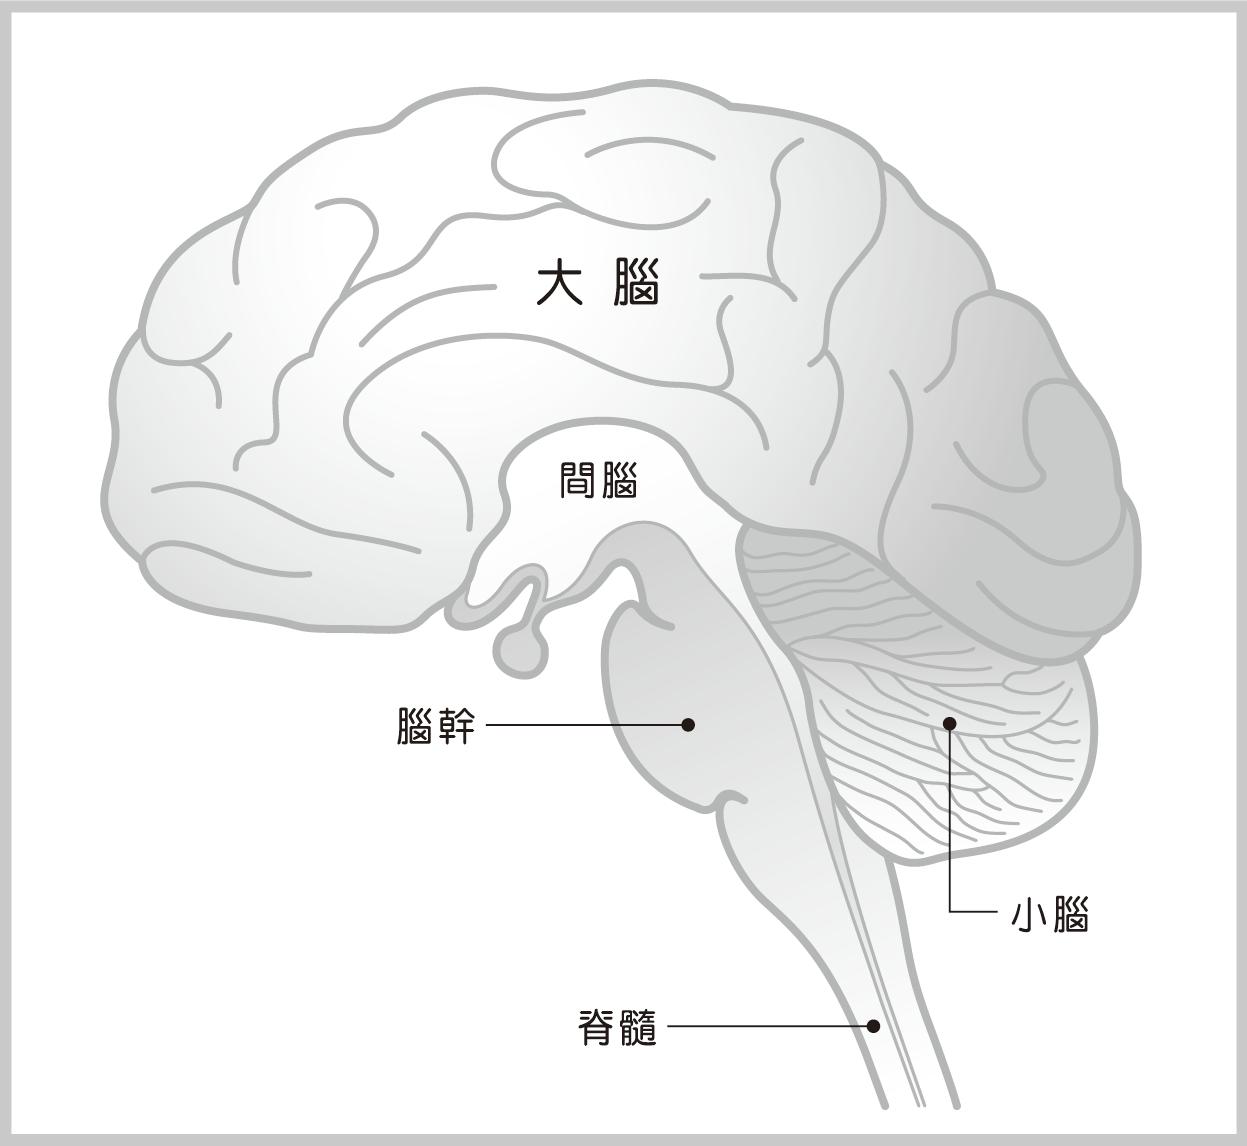 腦部結構示意圖